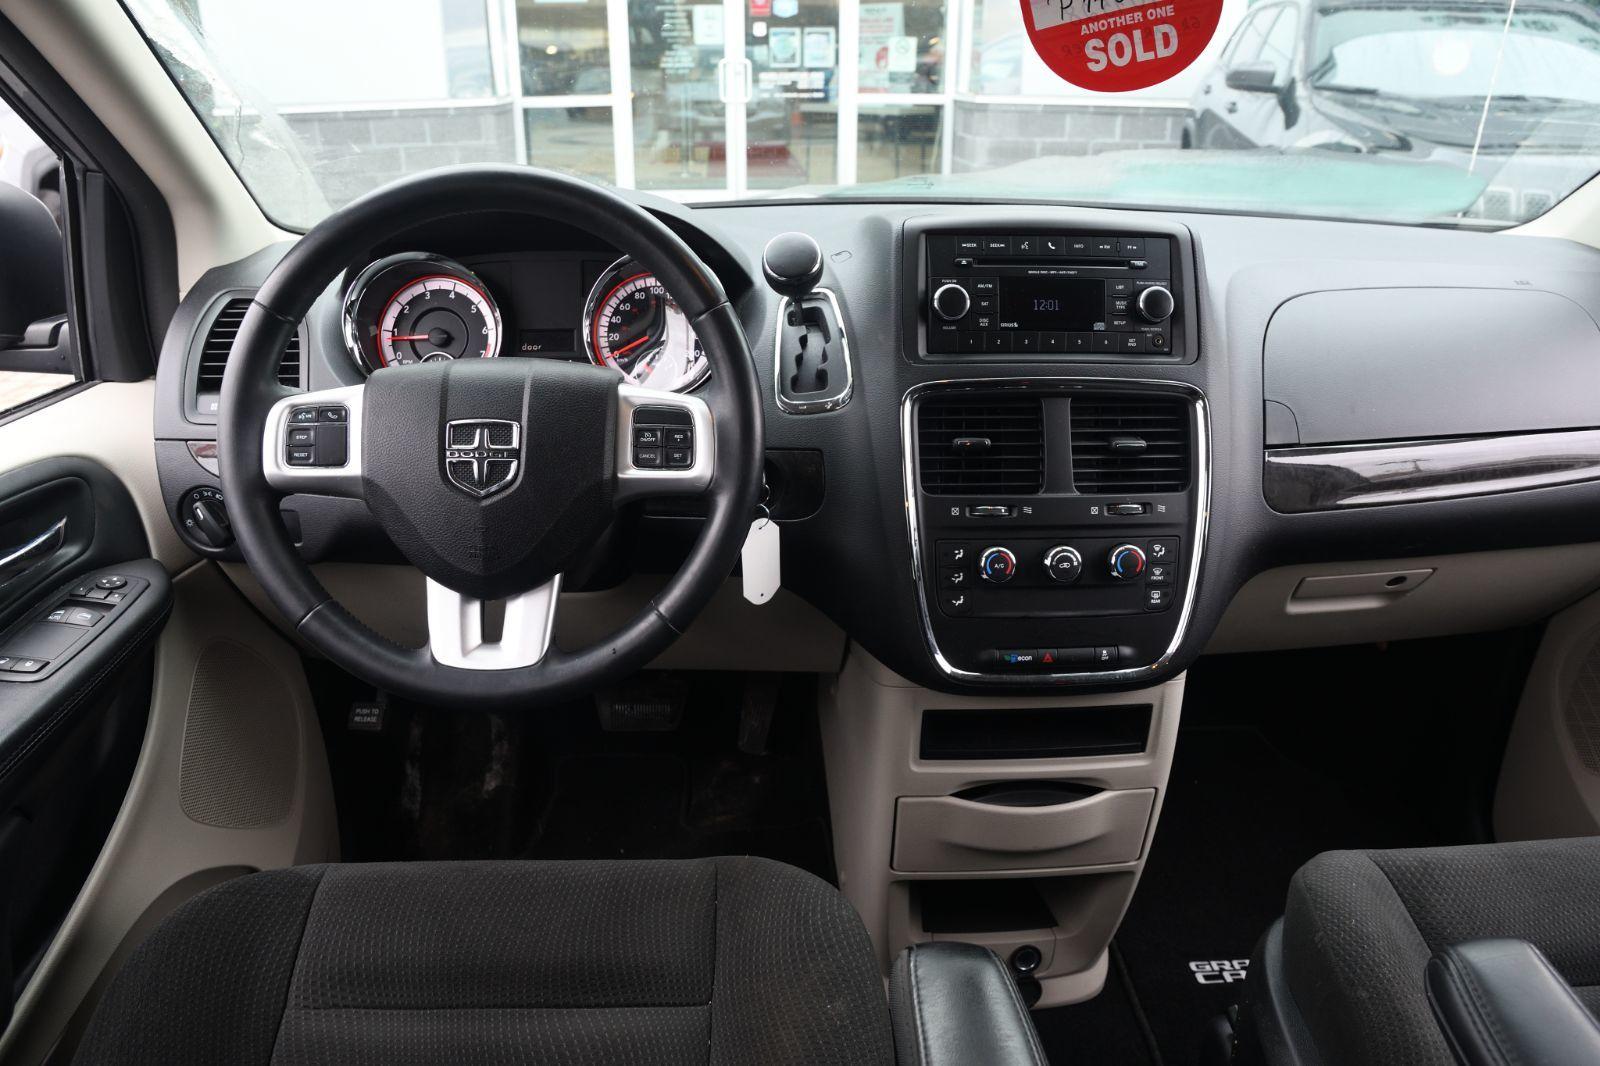 2017 Dodge Grand Caravan complet